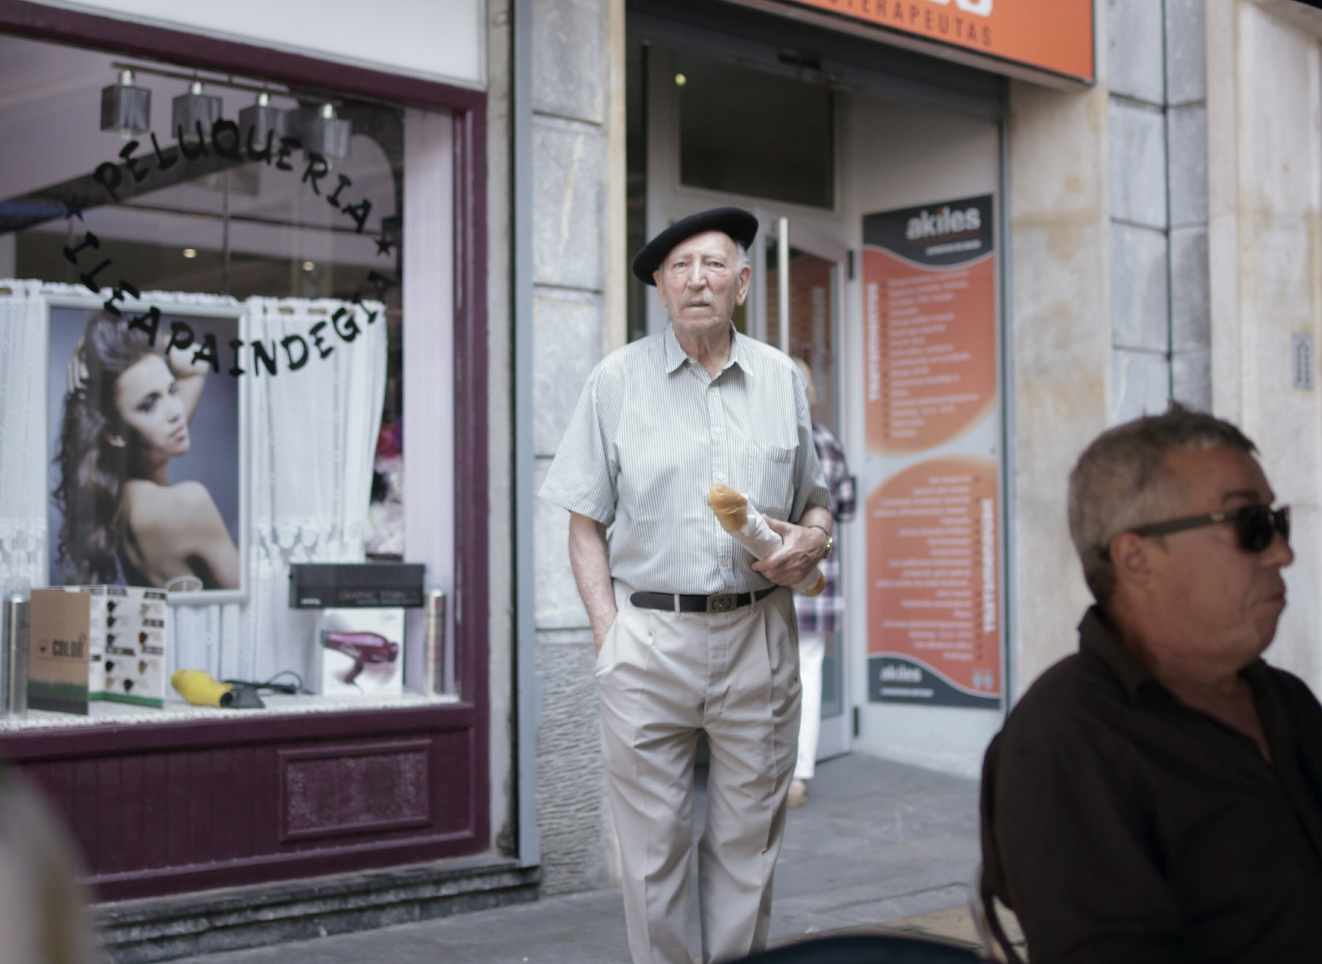 Un anziano con la txapela, ManueleGeromini©️